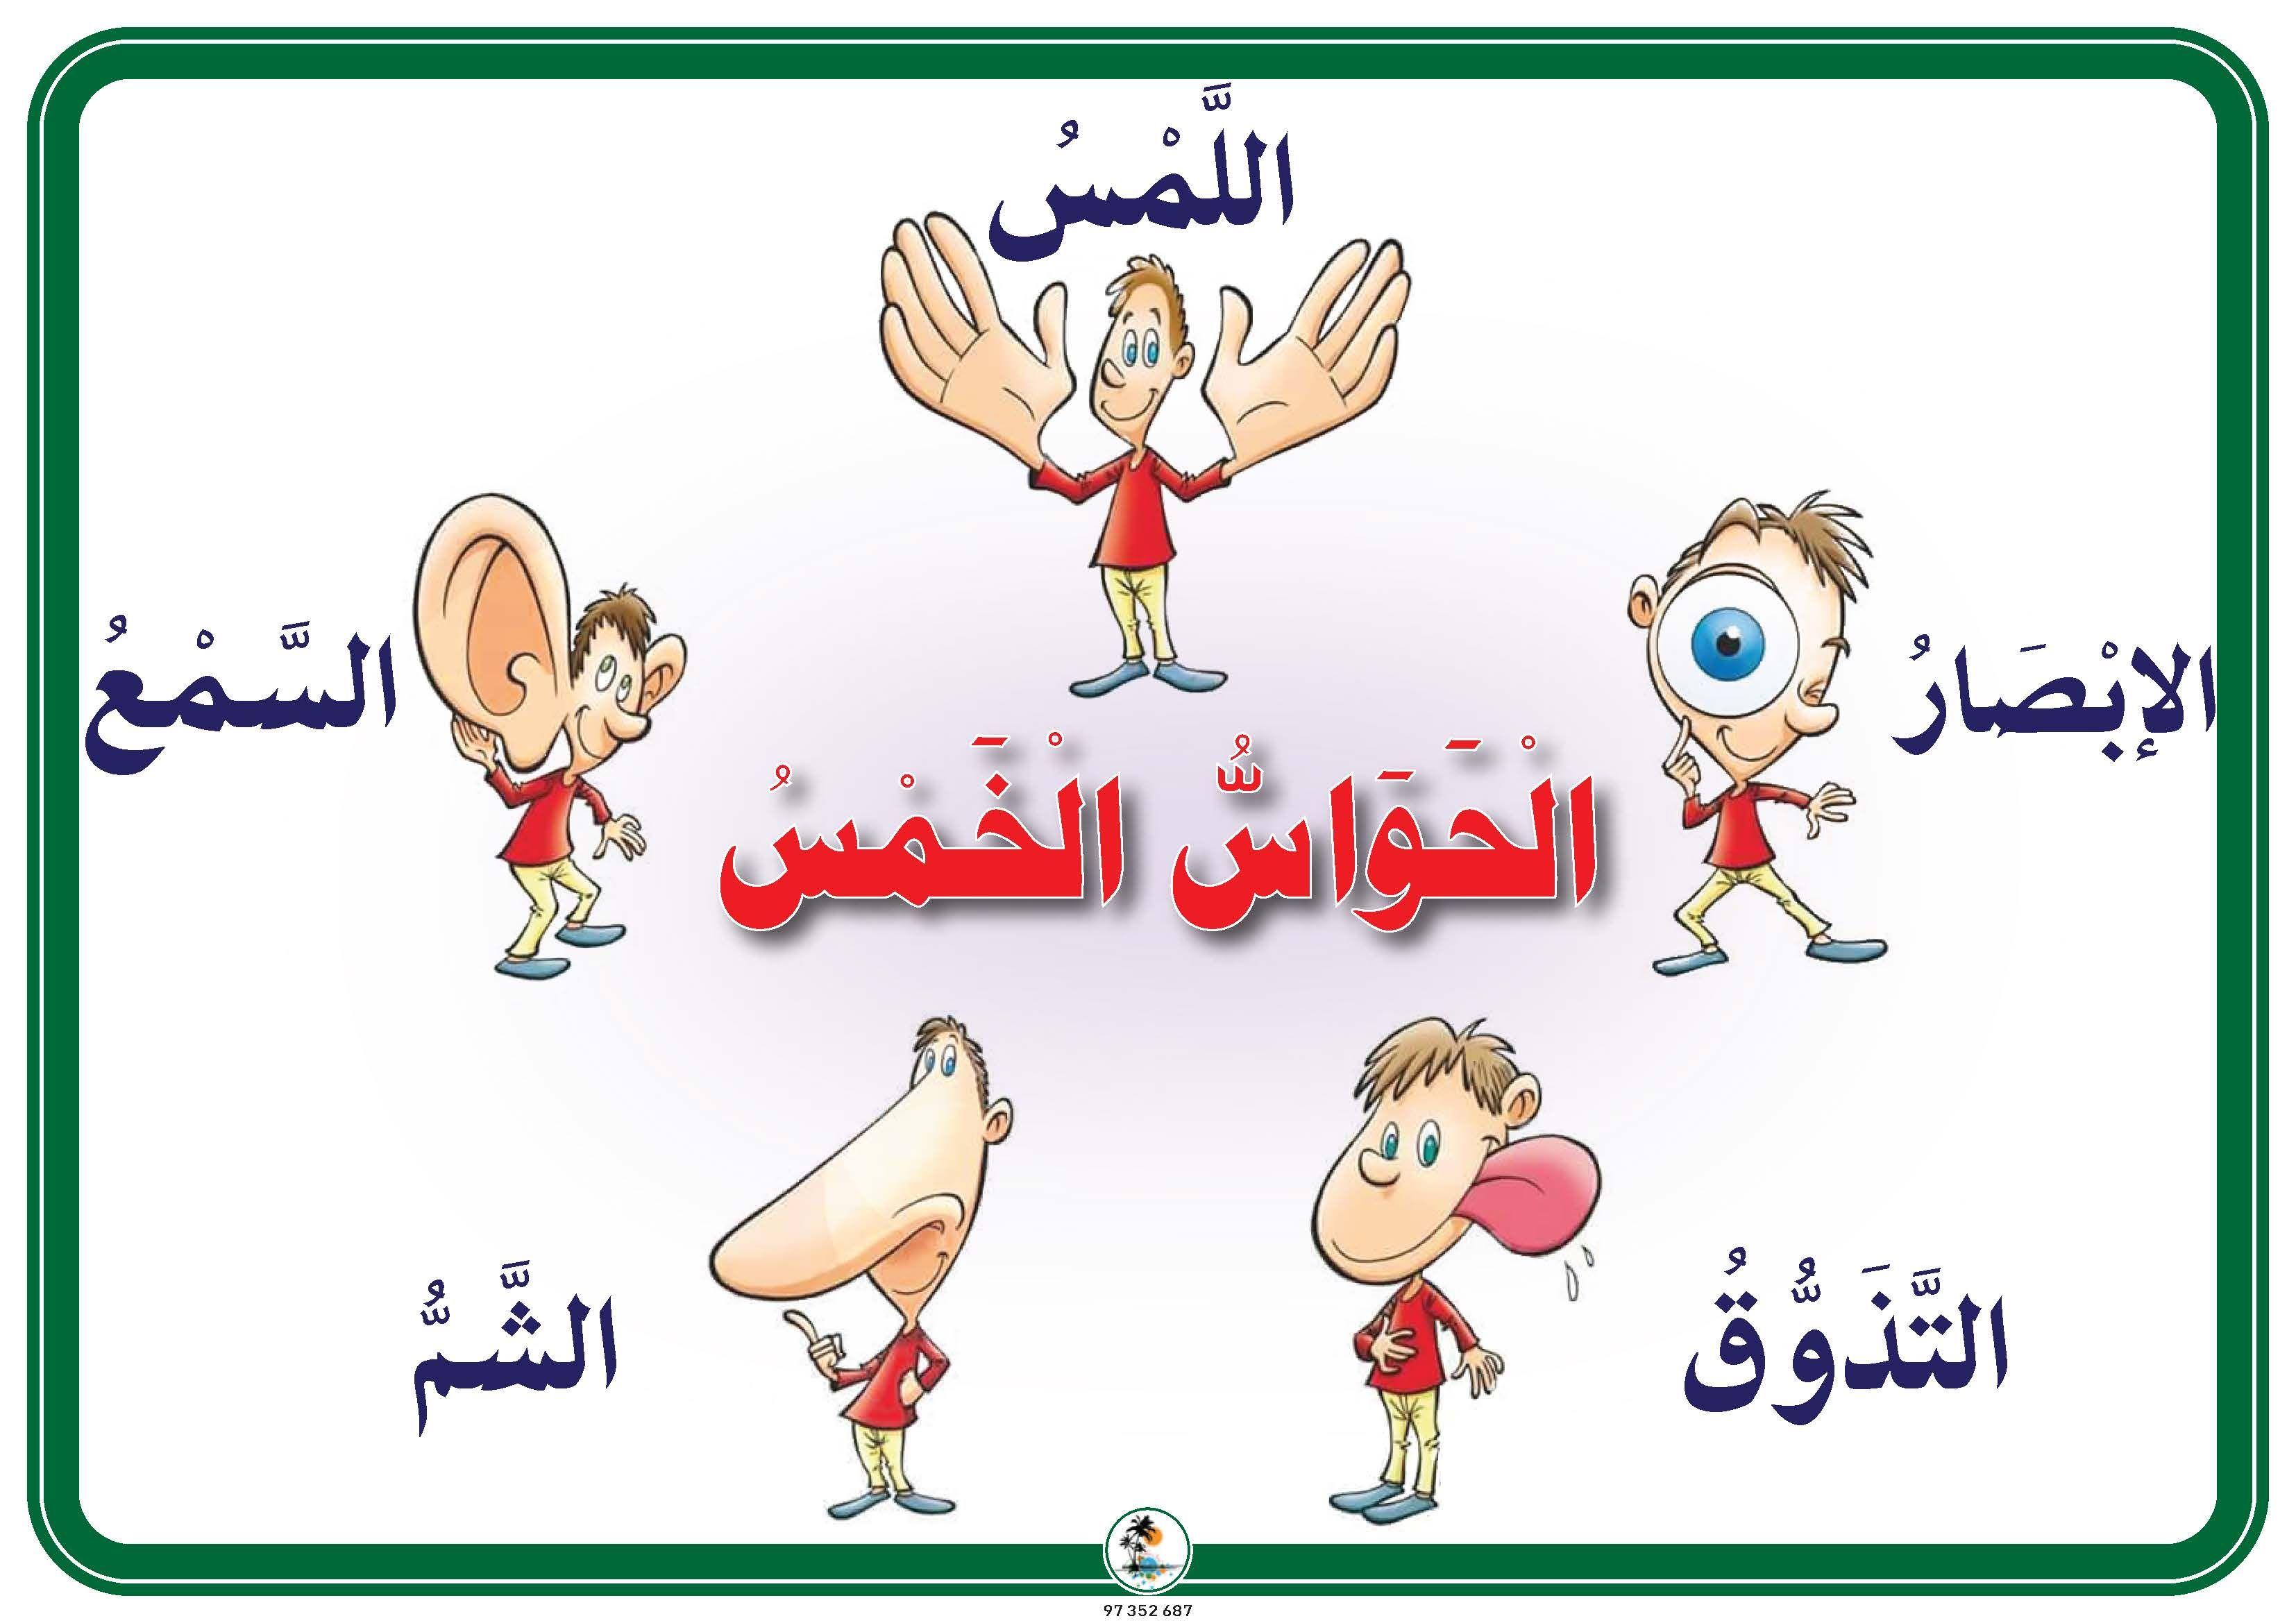 الحواس الخمس Arabic Kids Precious Children Yoyo